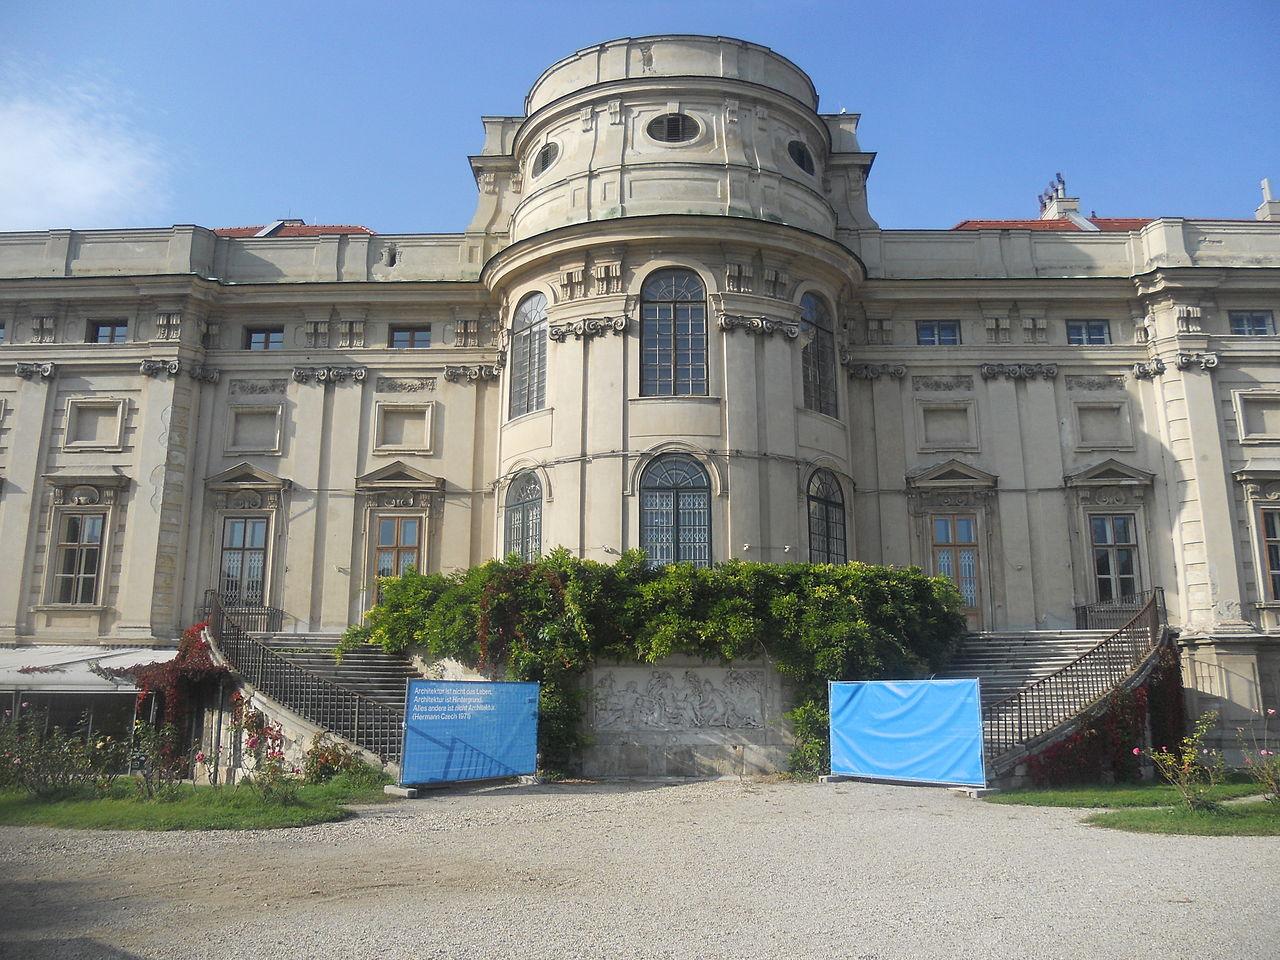 Шварценбергский дворец в Праге, внутренний фасад